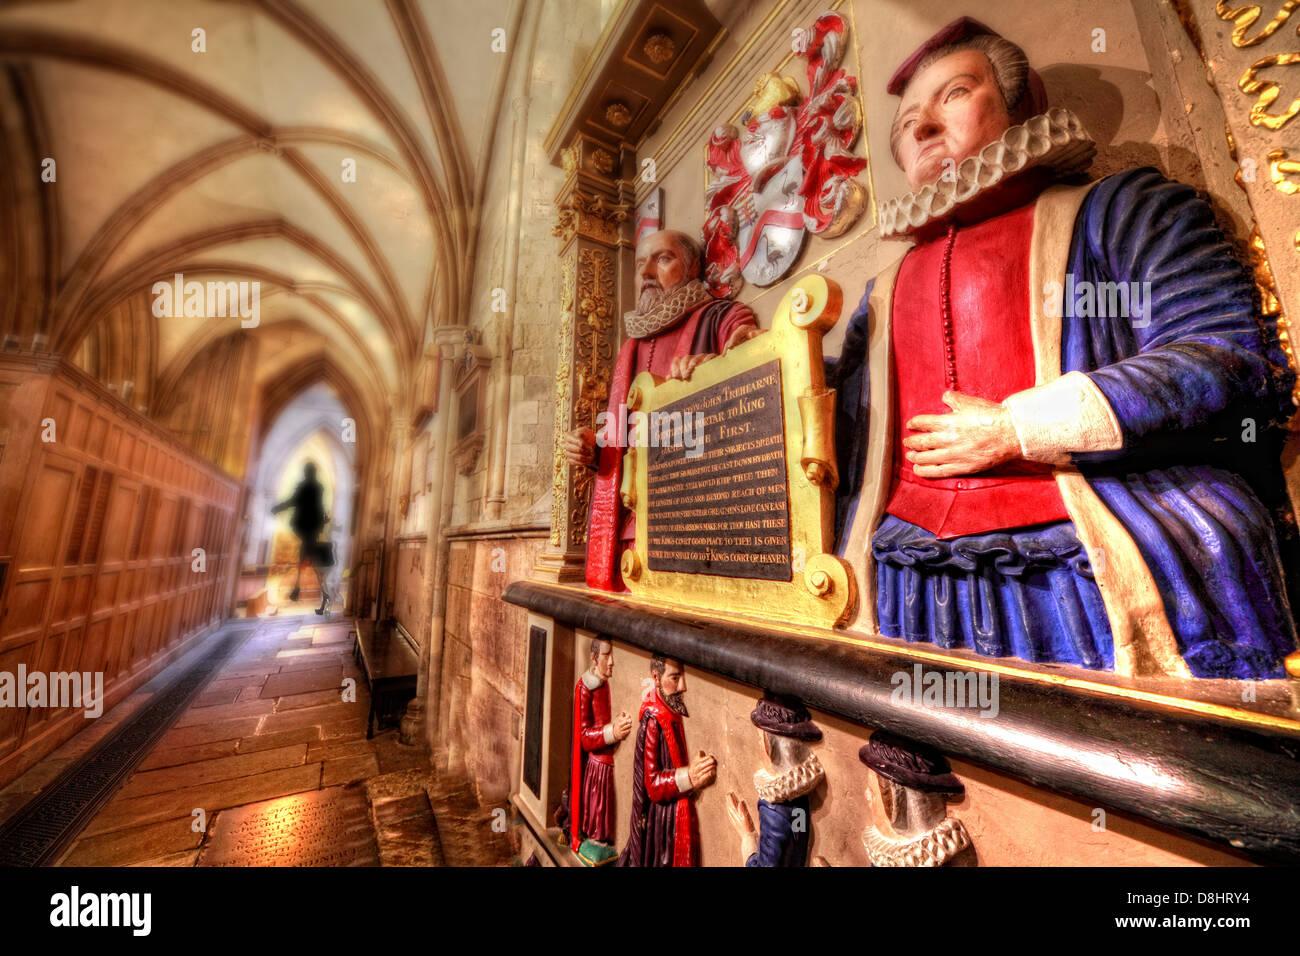 Laden Sie dieses Alamy Stockfoto Innen London Southwark Cathedral, die Tre-Hearne Statue mit einer Frau in der Ferne - D8HRY4